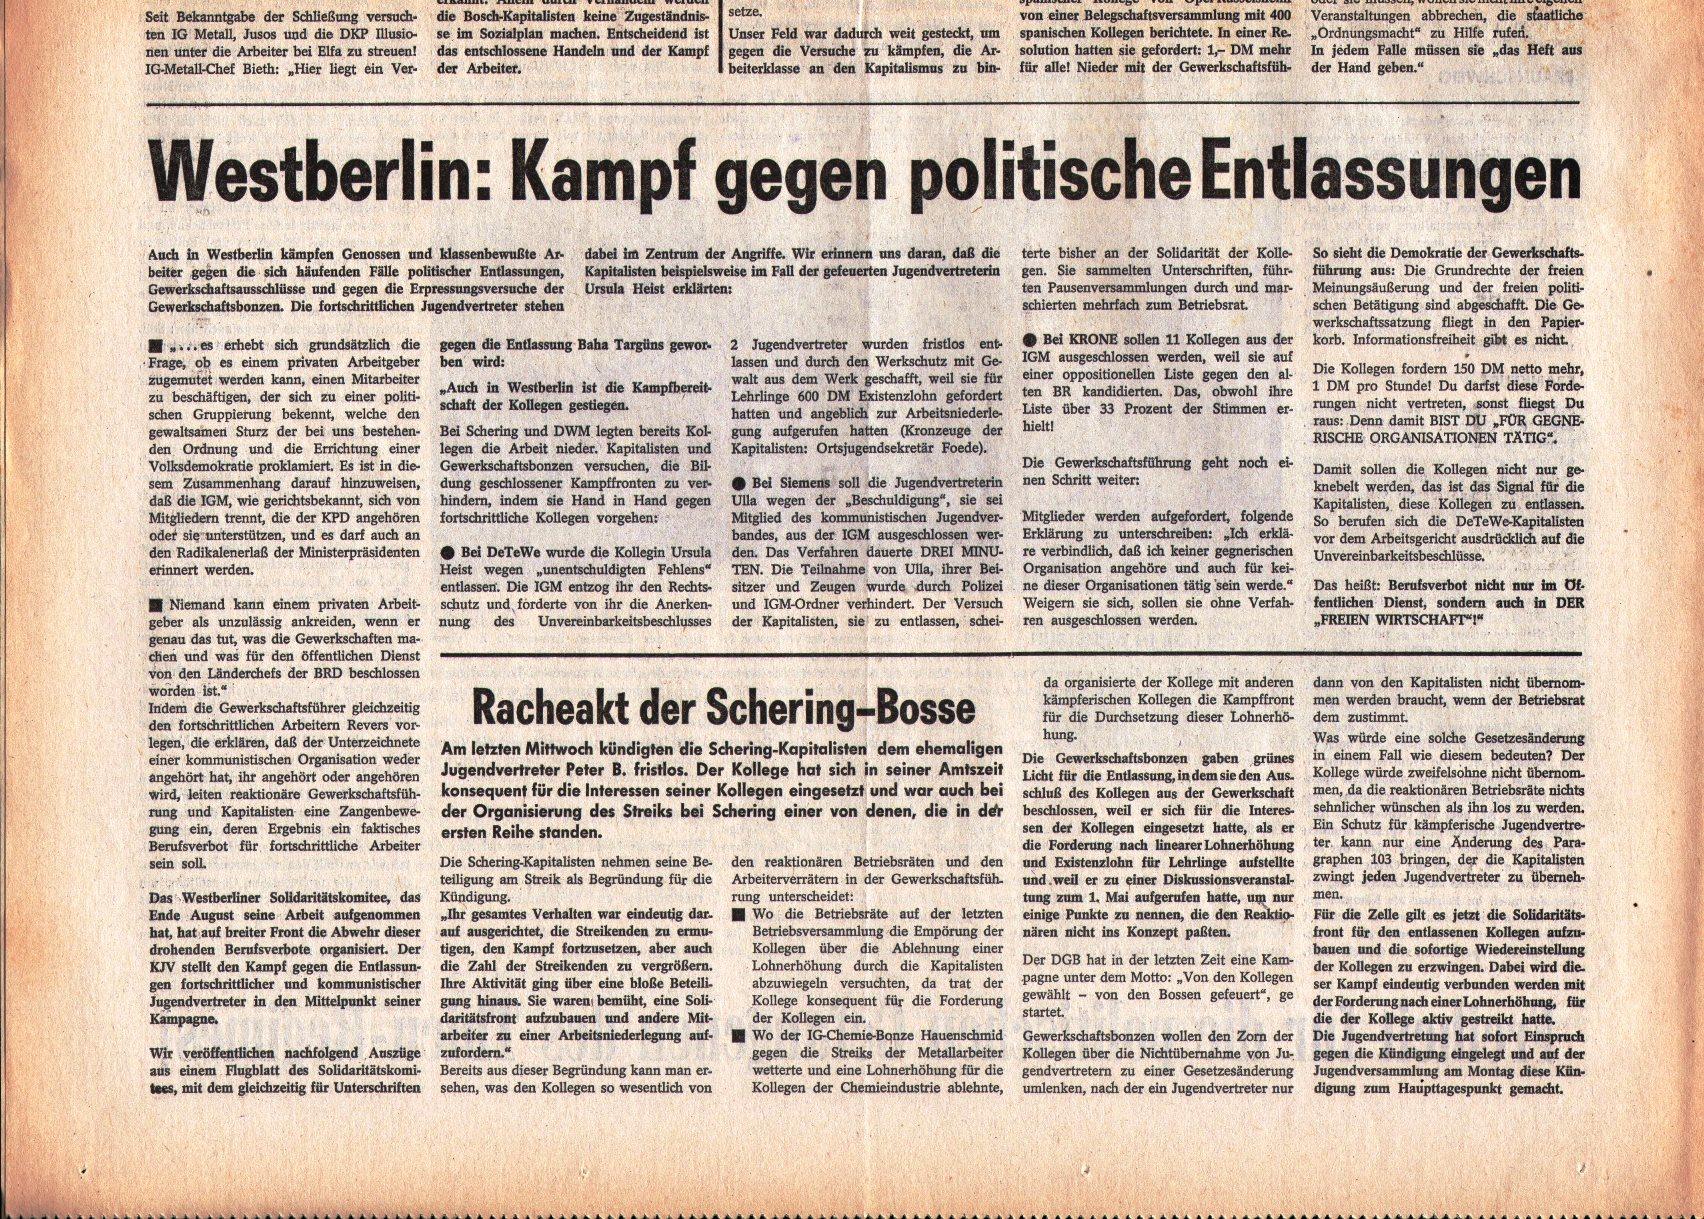 KPD_Rote_Fahne_1973_42_08